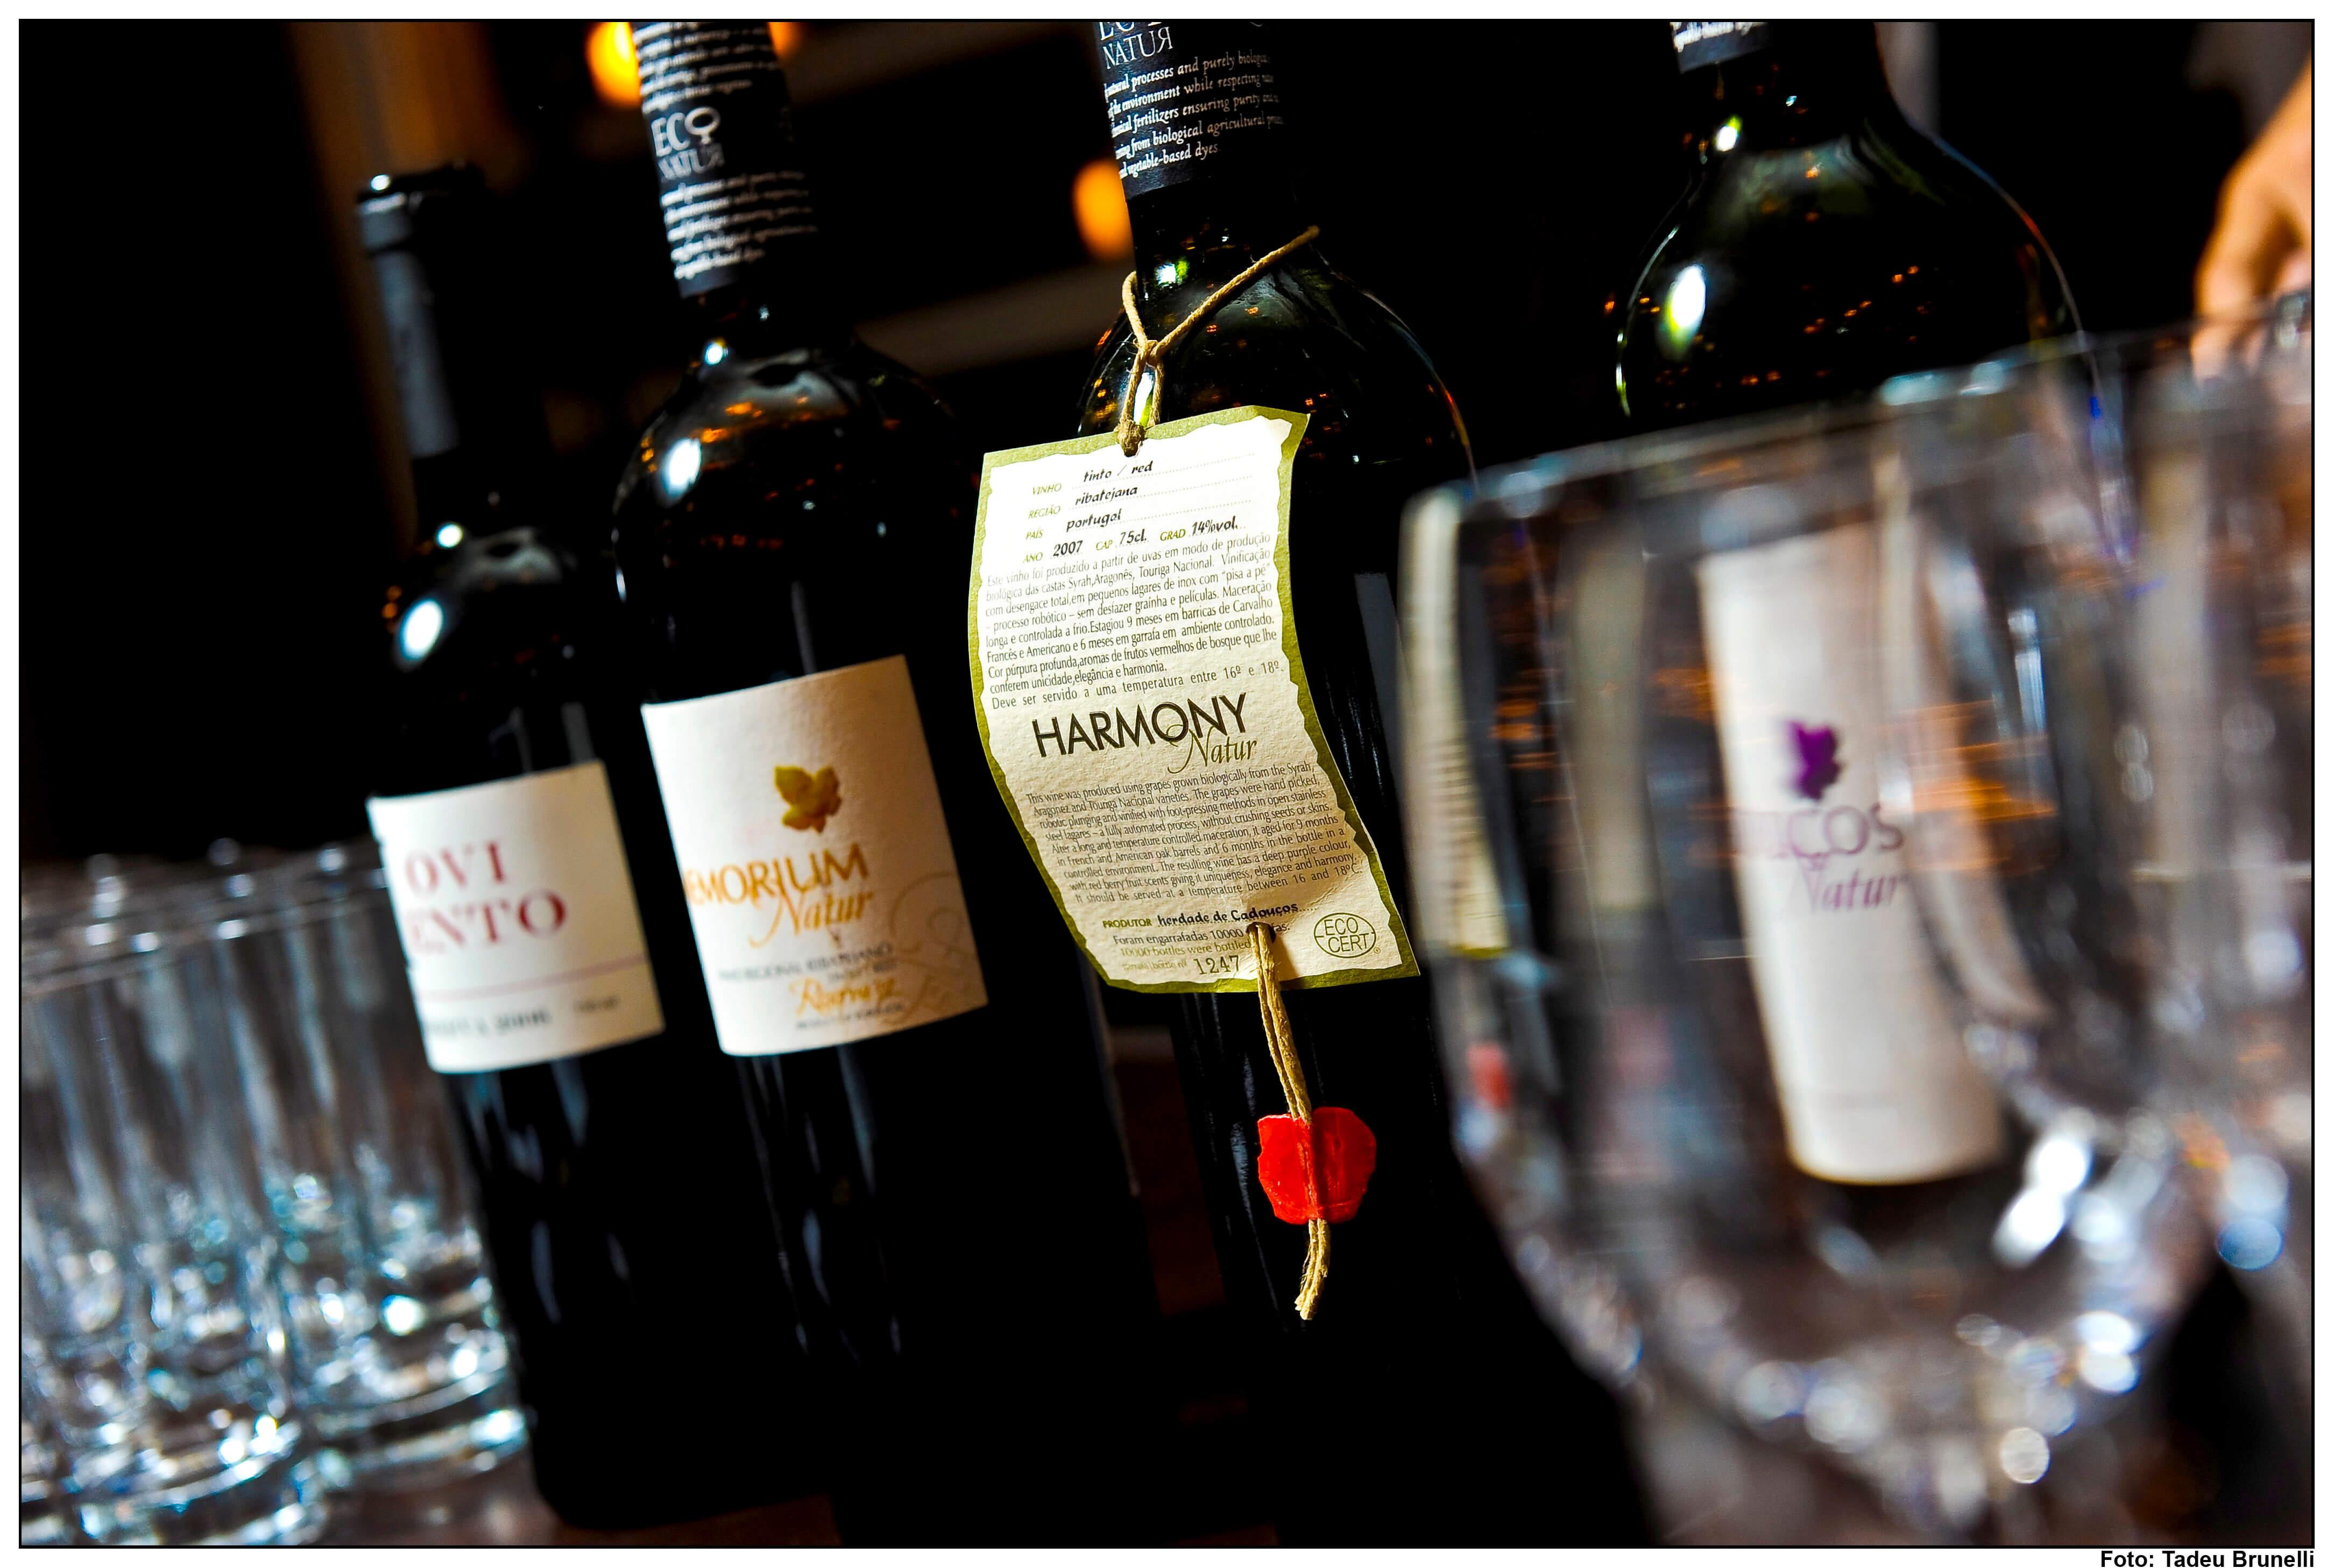 garrafas de vinho como montar uma adega